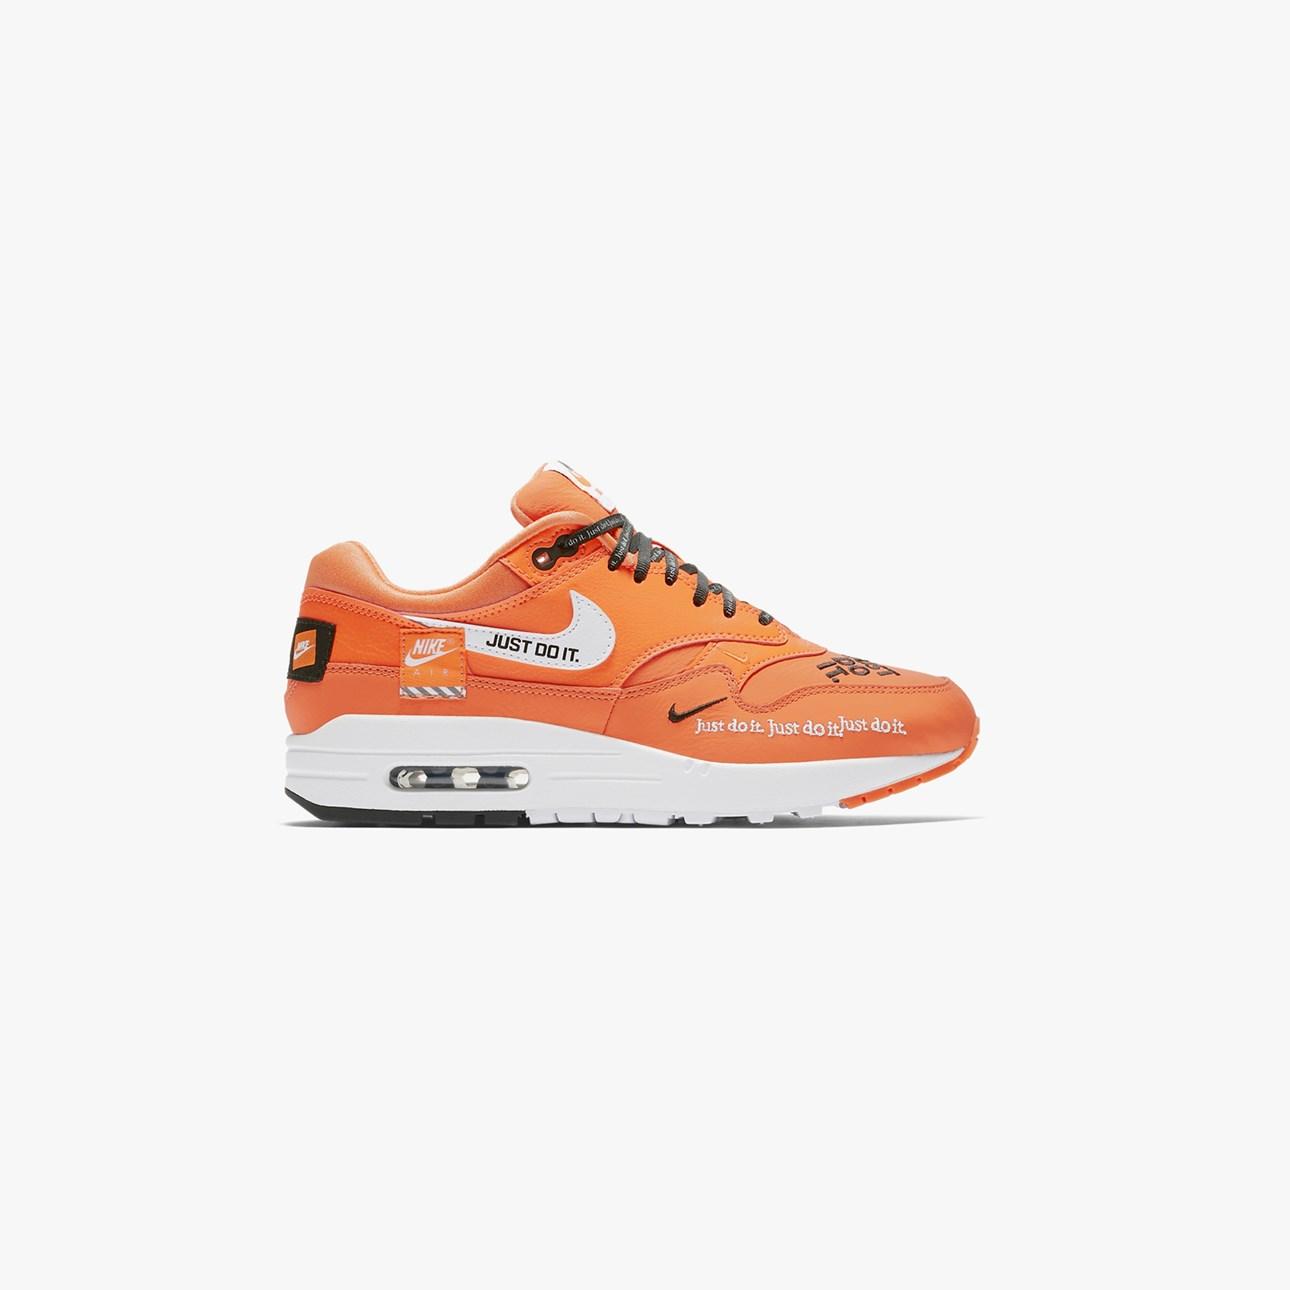 Nike Sportswear Wmns Air Max 1 LX Just Do It